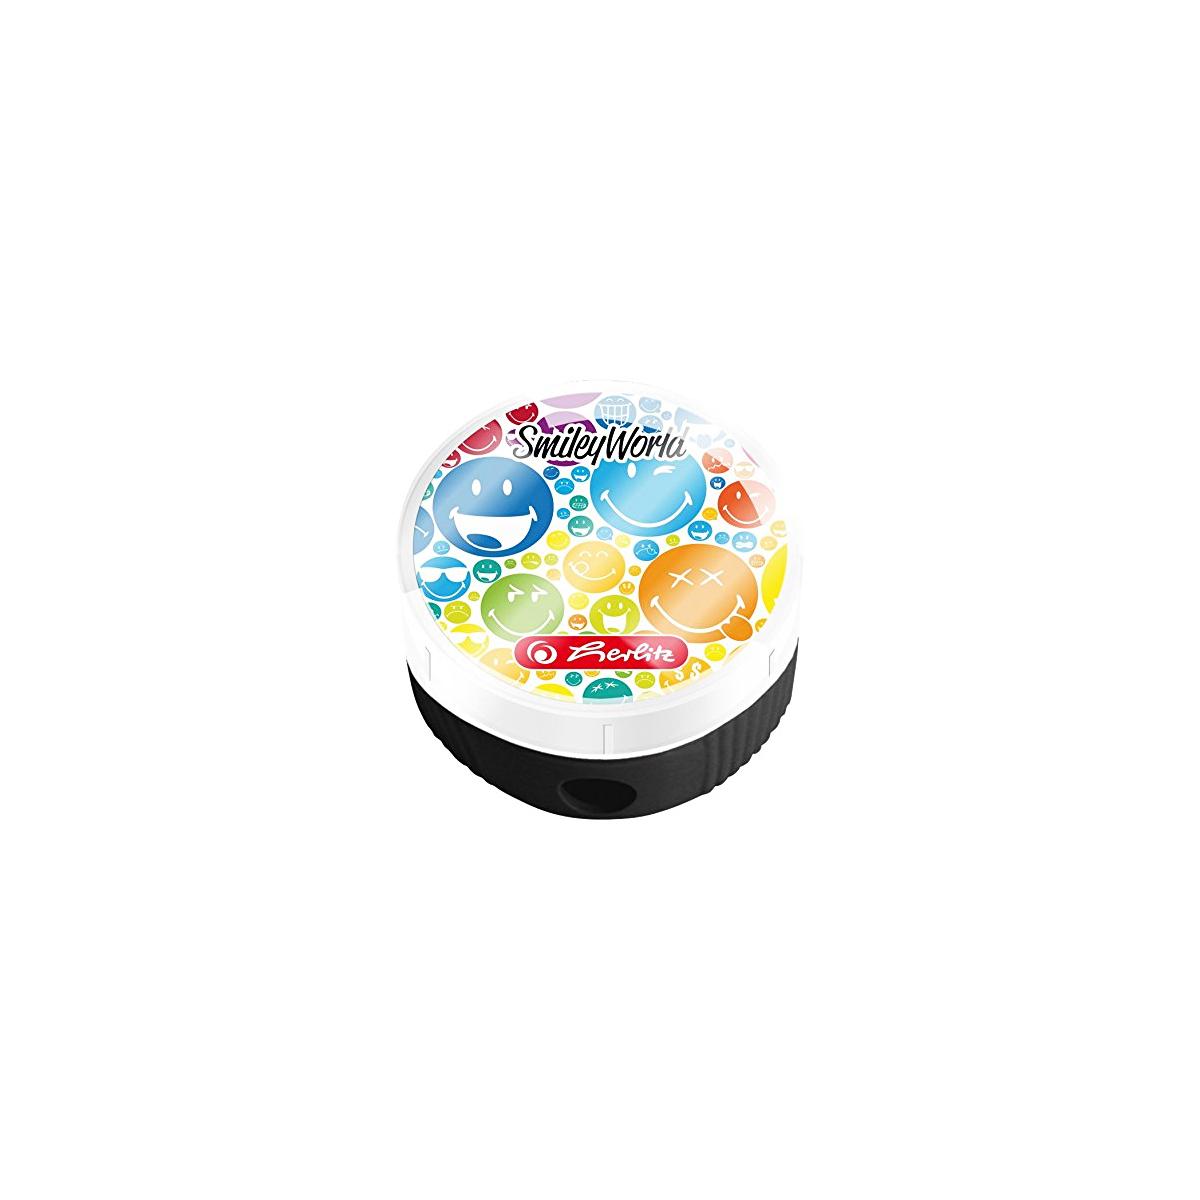 Ascuţitoare Rotundă & Container, Smileyworld Rainbow, Herlitz, 50001941